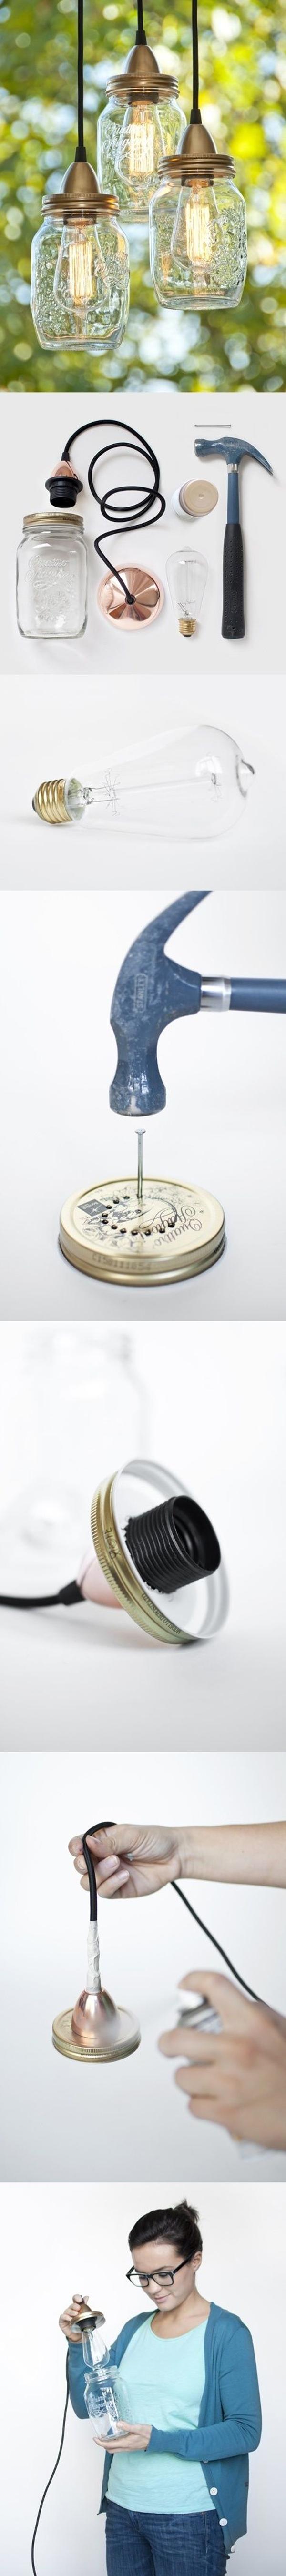 DIY-Lampe-bocaux